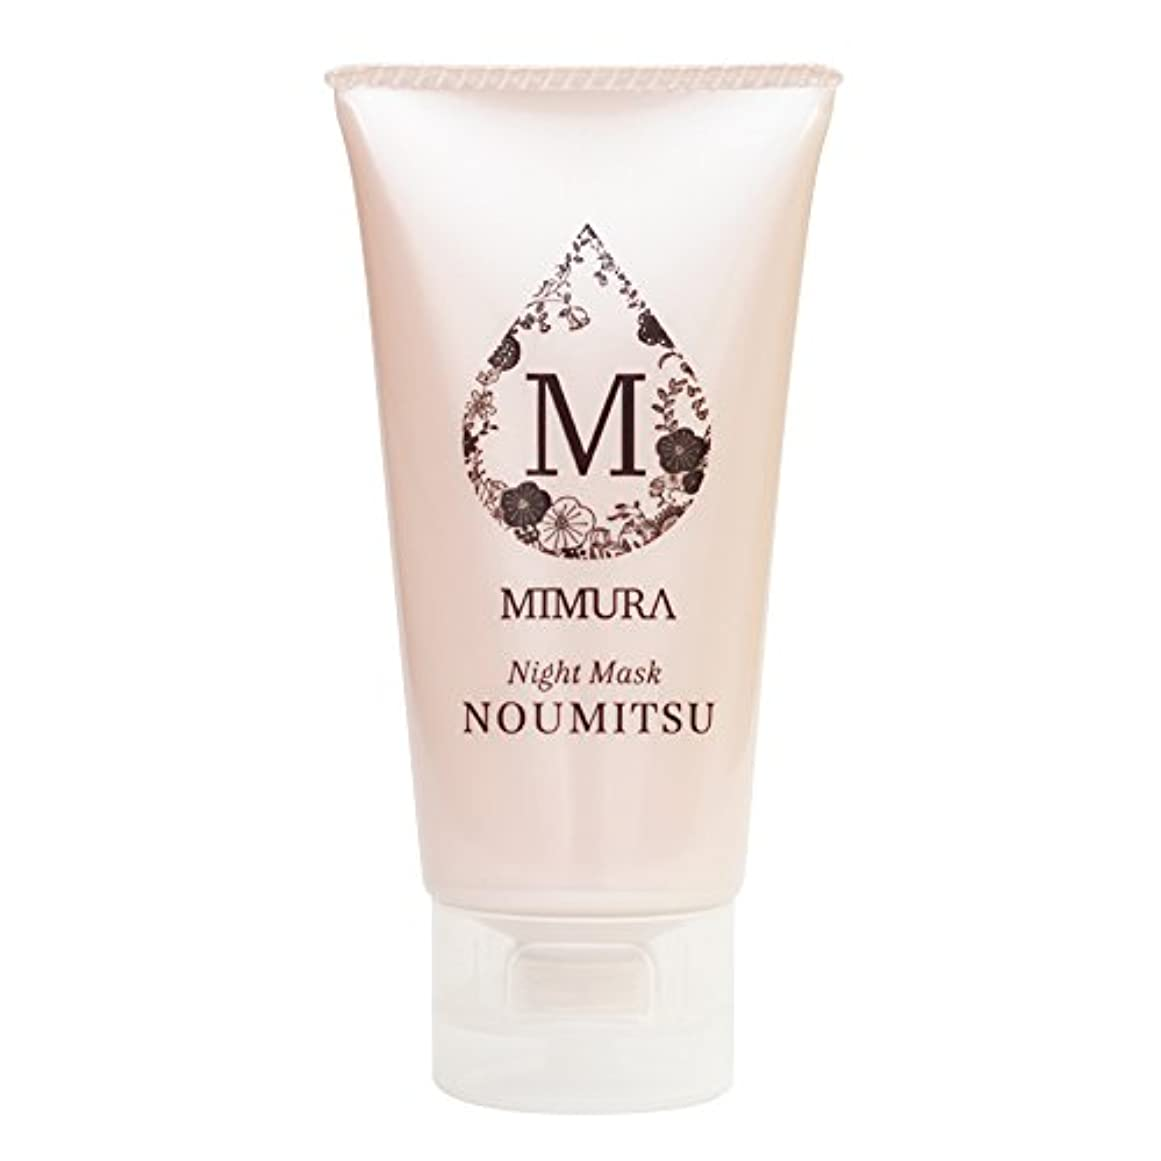 エージェント国民投票マイクロプロセッサ保湿乳液 クリーム 顔 用 ミムラ ナイトマスク NOUMITSU 48g MIMURA 乾燥肌 日本製